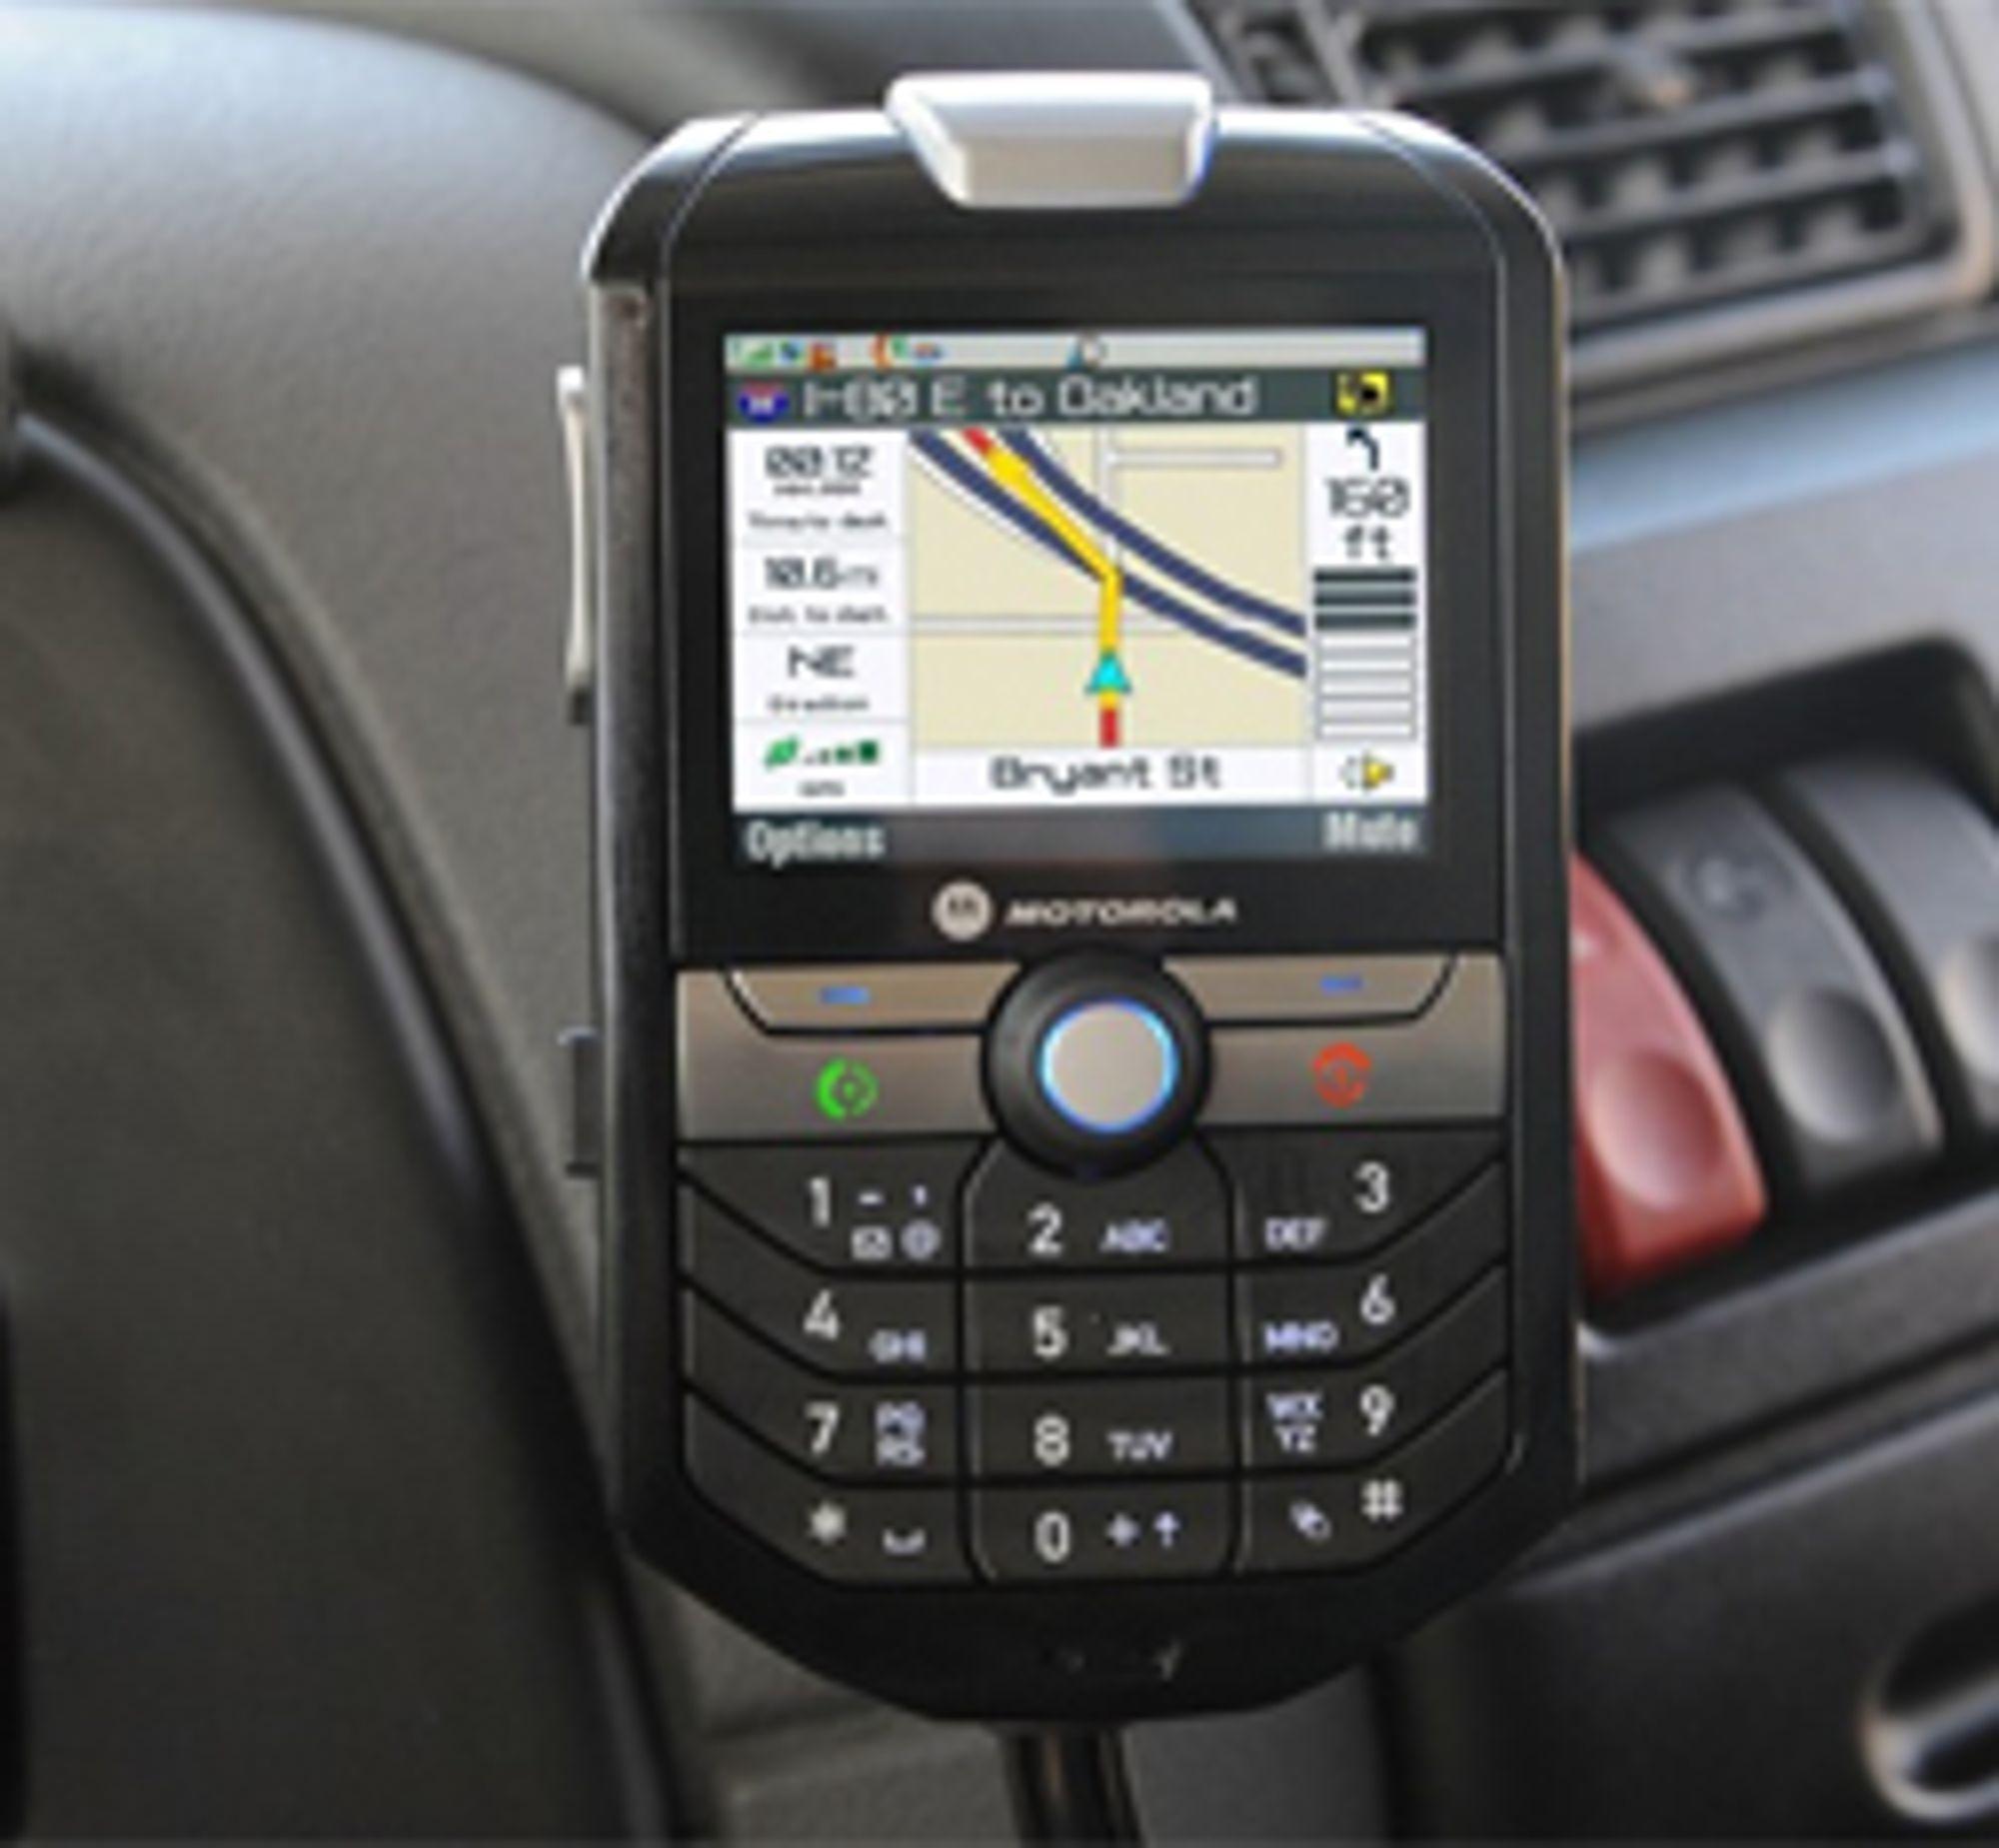 M990 er noe så sjeldent som en biltelefon. Klikk for større bilde.